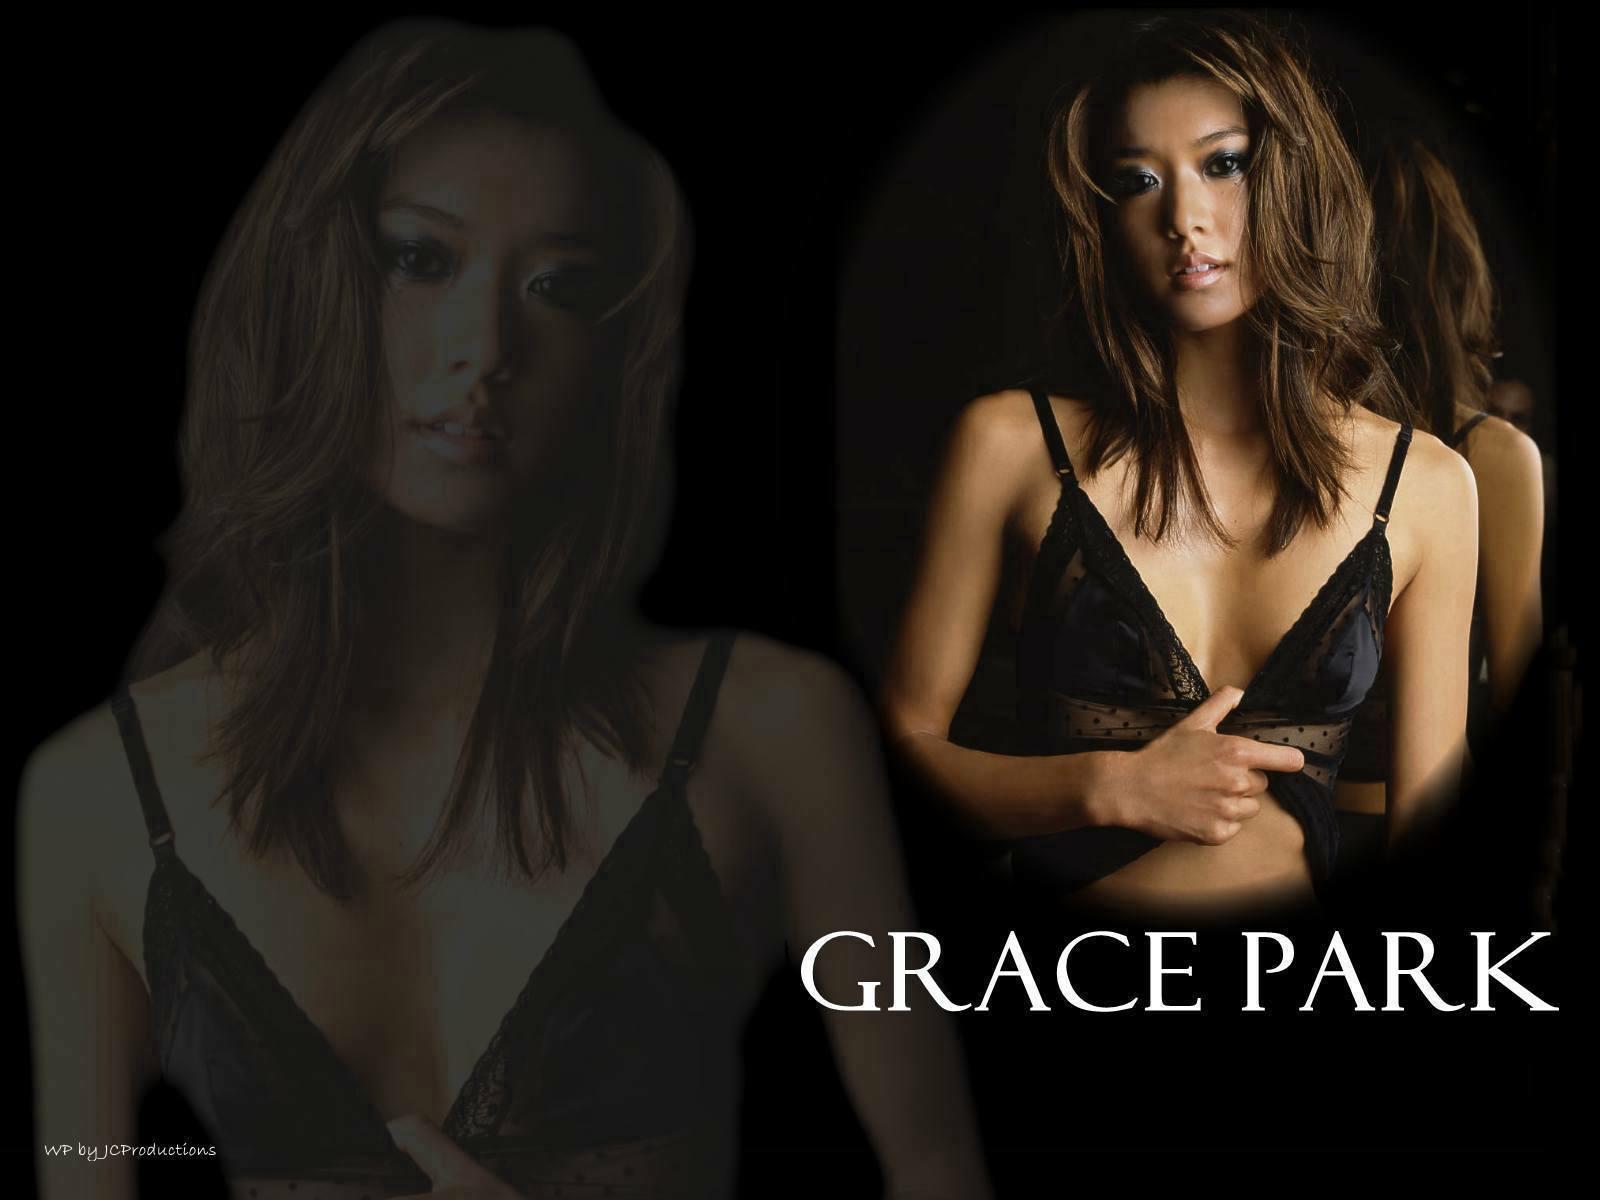 grace-park-nude-images